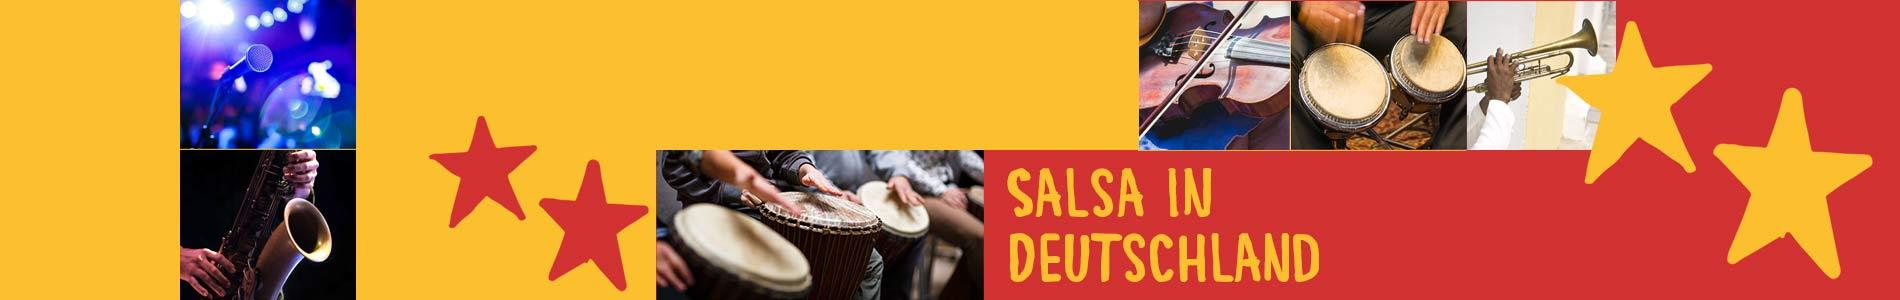 Salsa in Denklingen – Salsa lernen und tanzen, Tanzkurse, Partys, Veranstaltungen